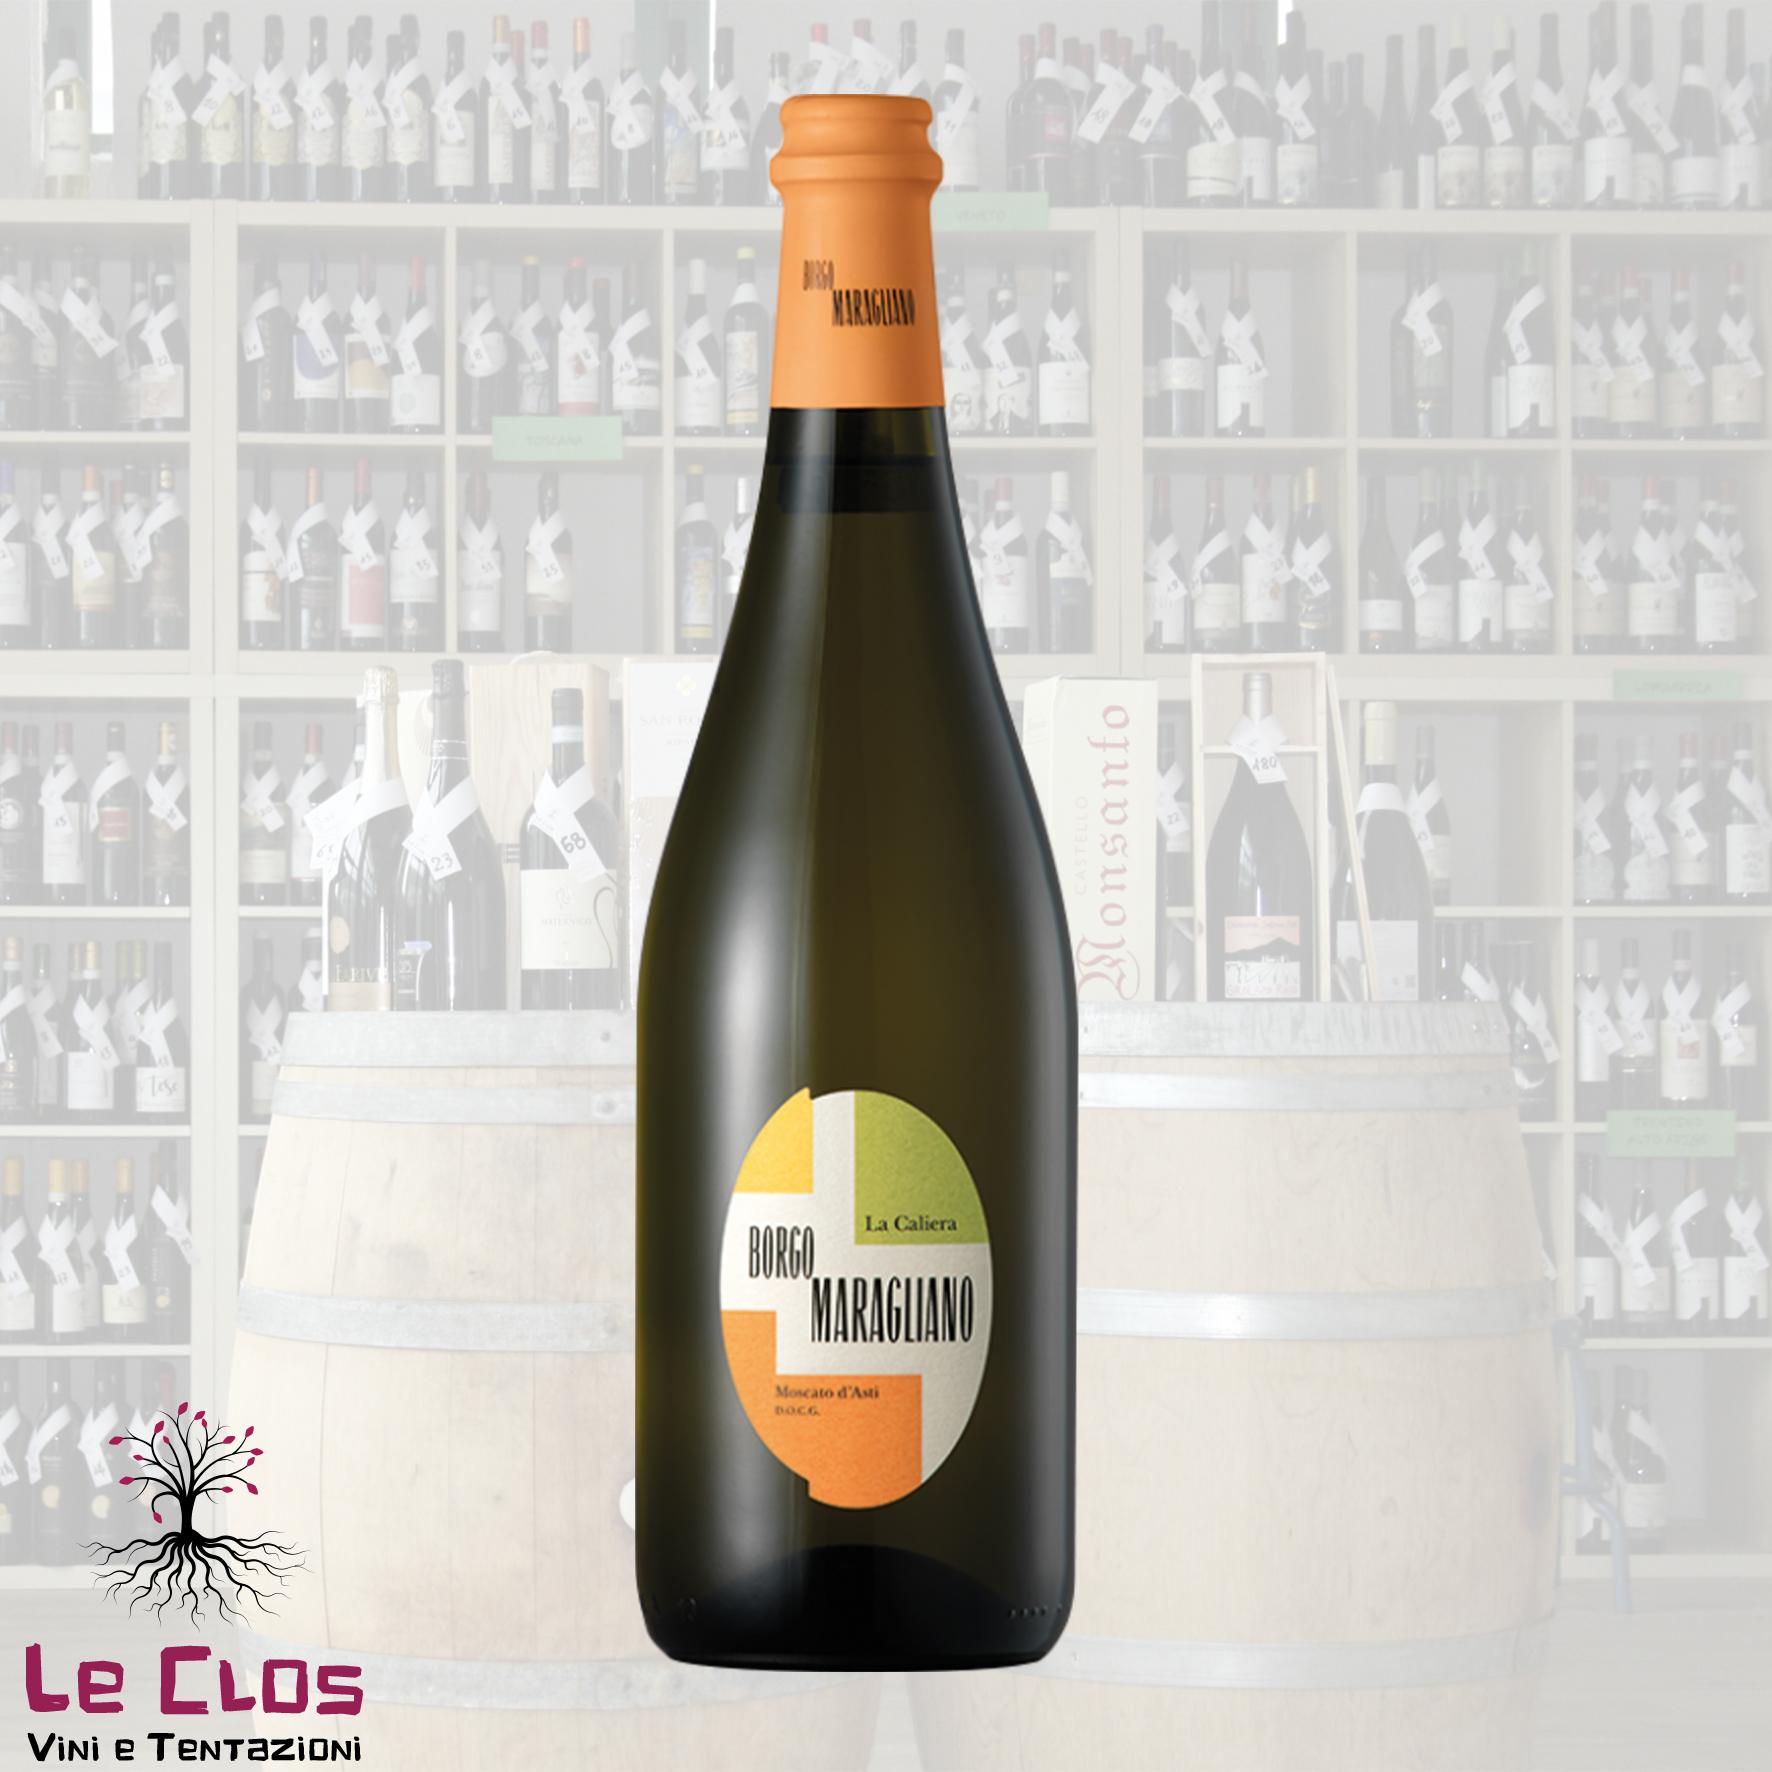 Vino bianco La Caliera Moscato d'Asti